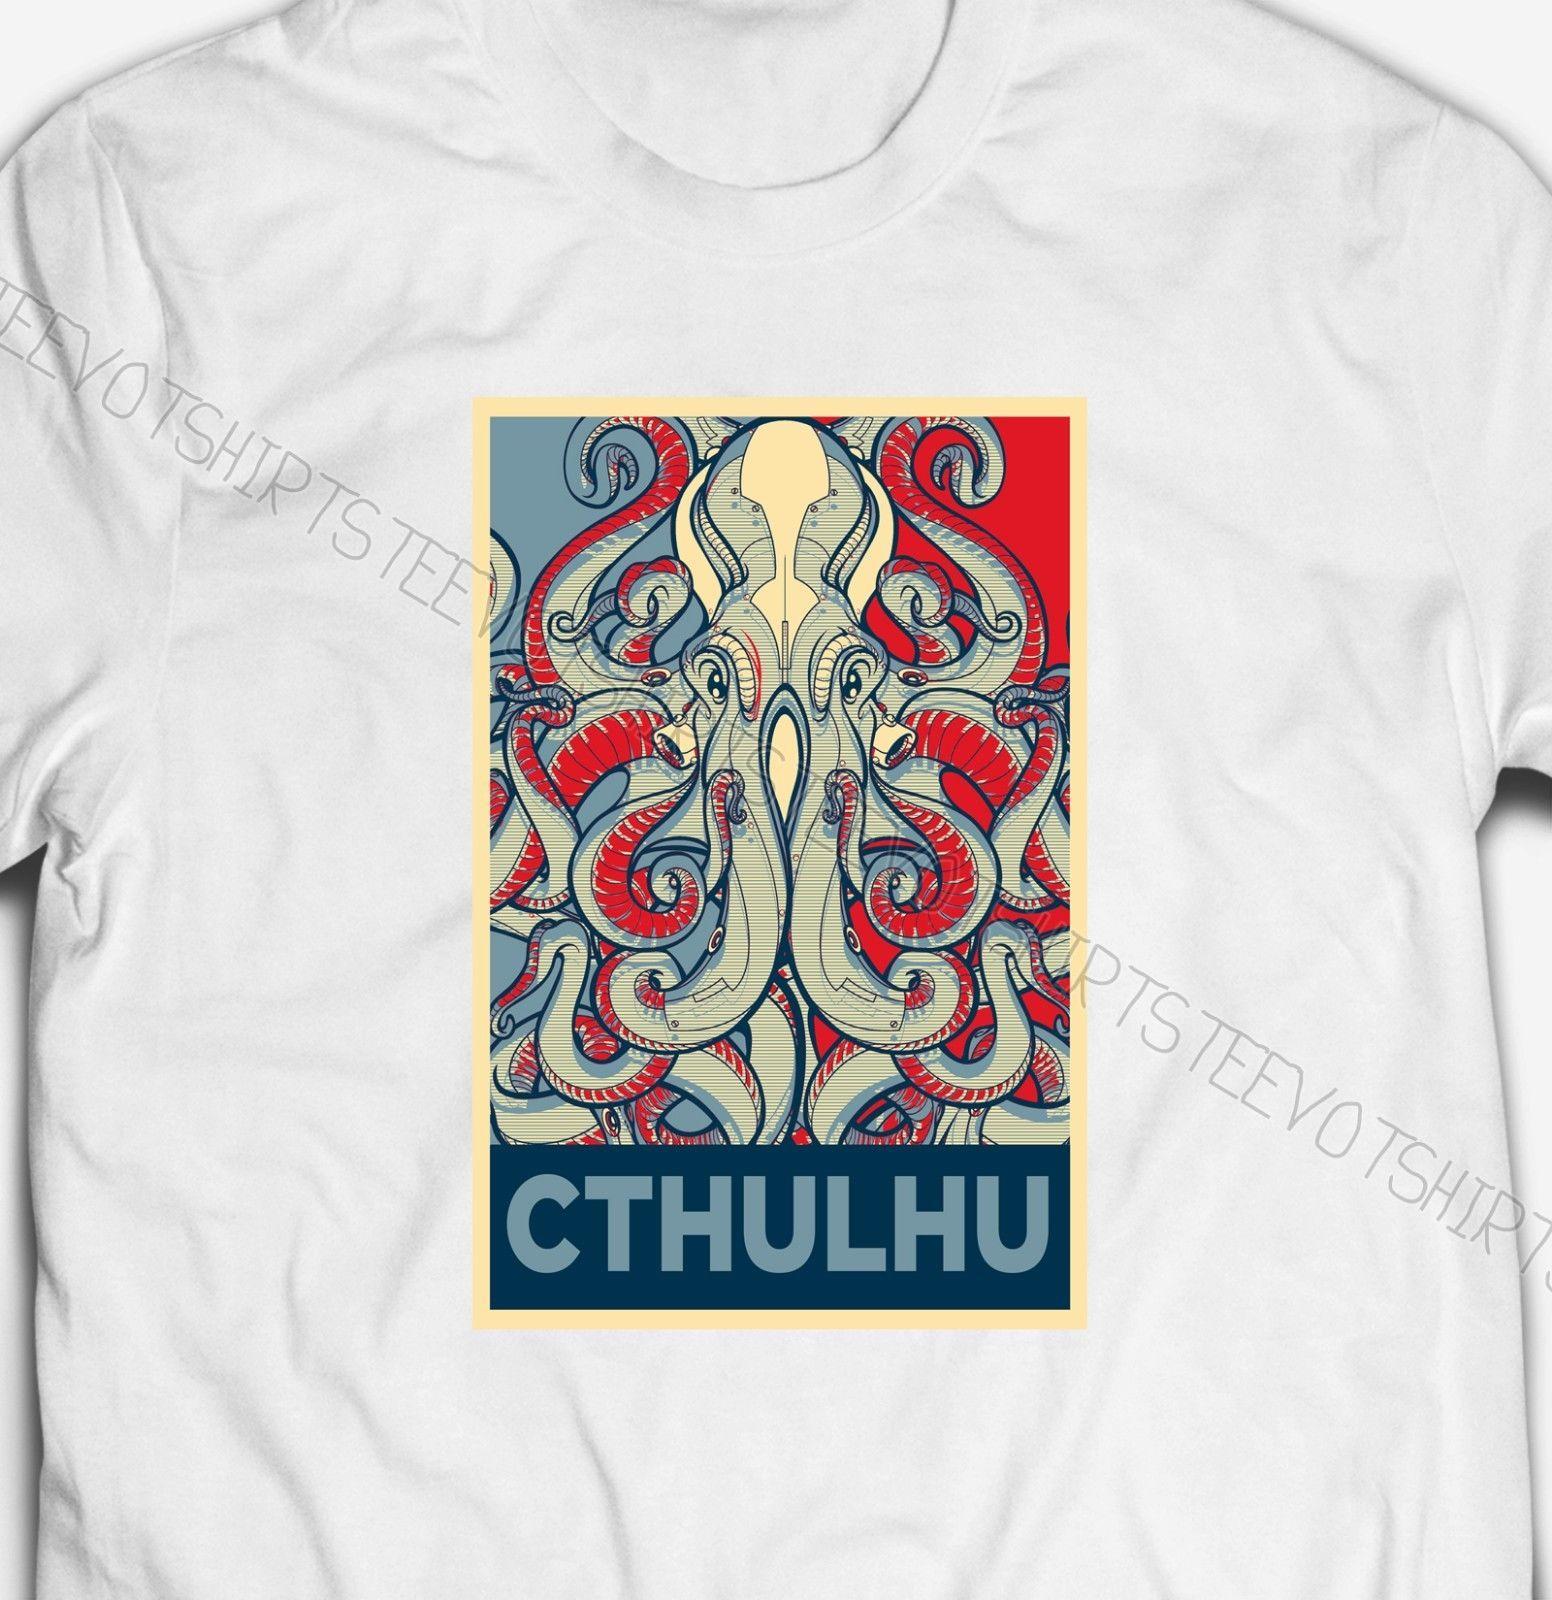 Cthulhu H.P Lovecraft carattere 100% cotone da uomo Speranza poster Parodia 2019 nuove camice di marca-Abbigliamento Cotone Graphic T